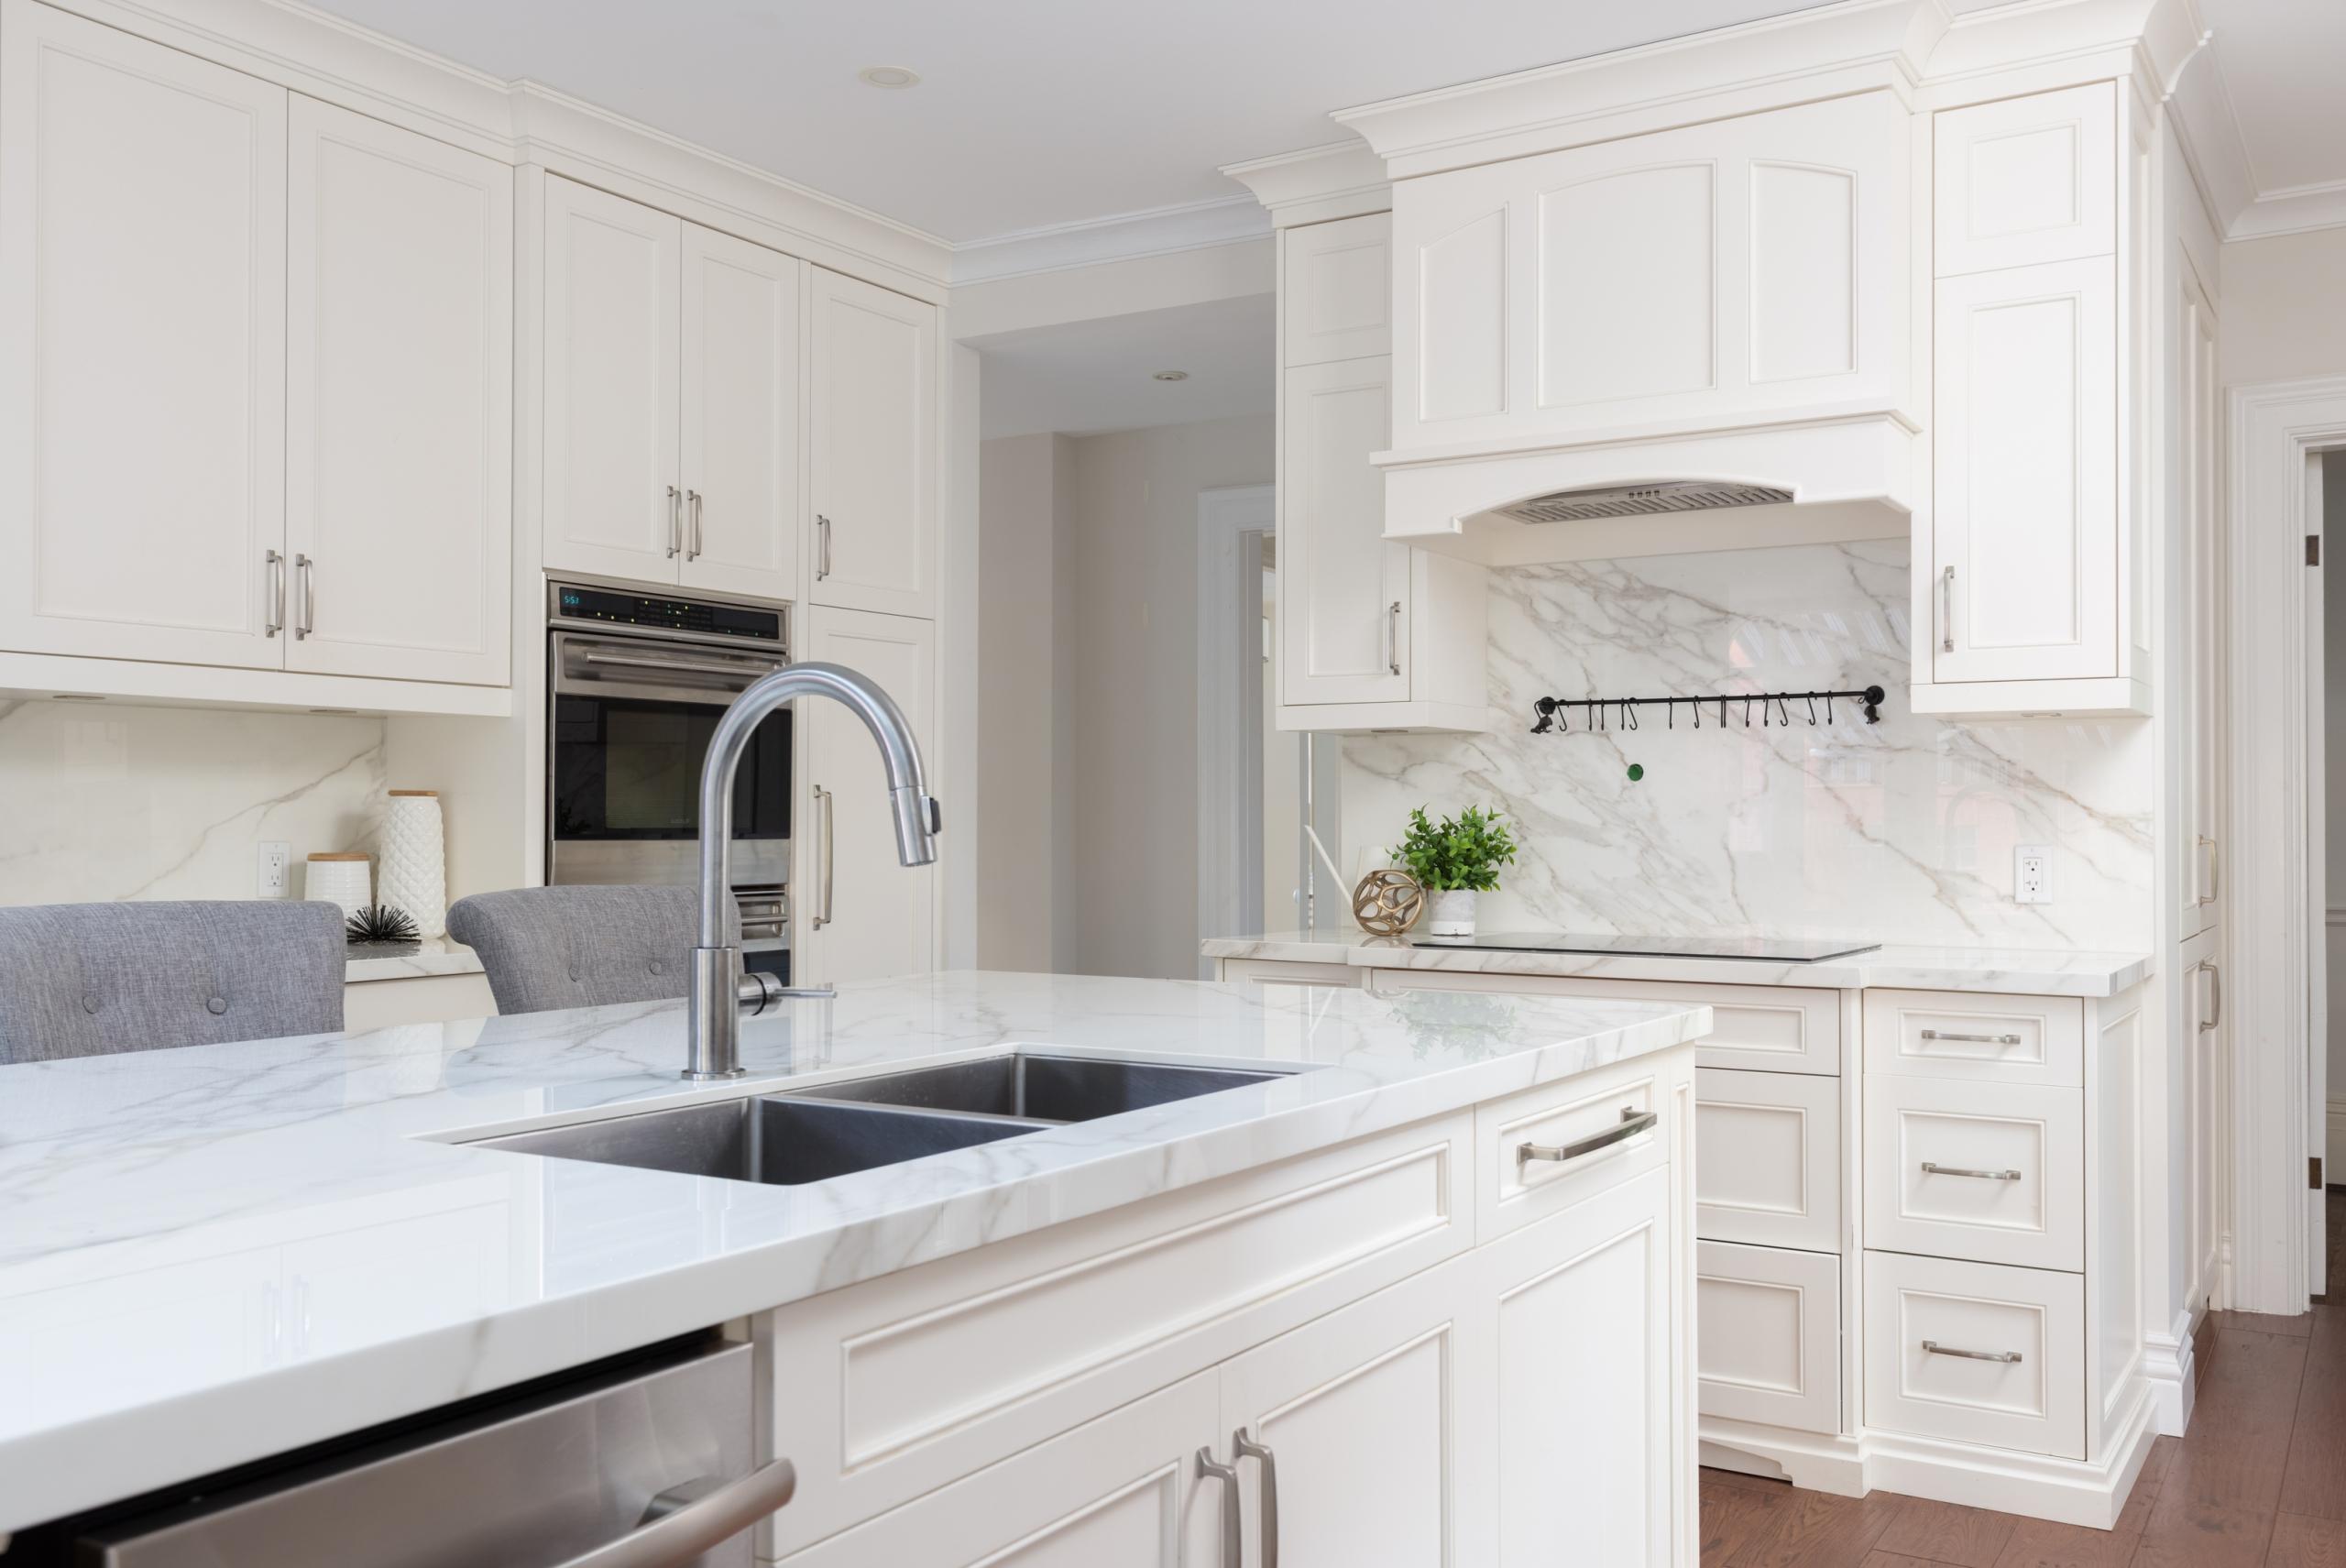 Kitchen featured at 349 Trafalgar Road, Old Oakville, ON at Alex Irish & Associates